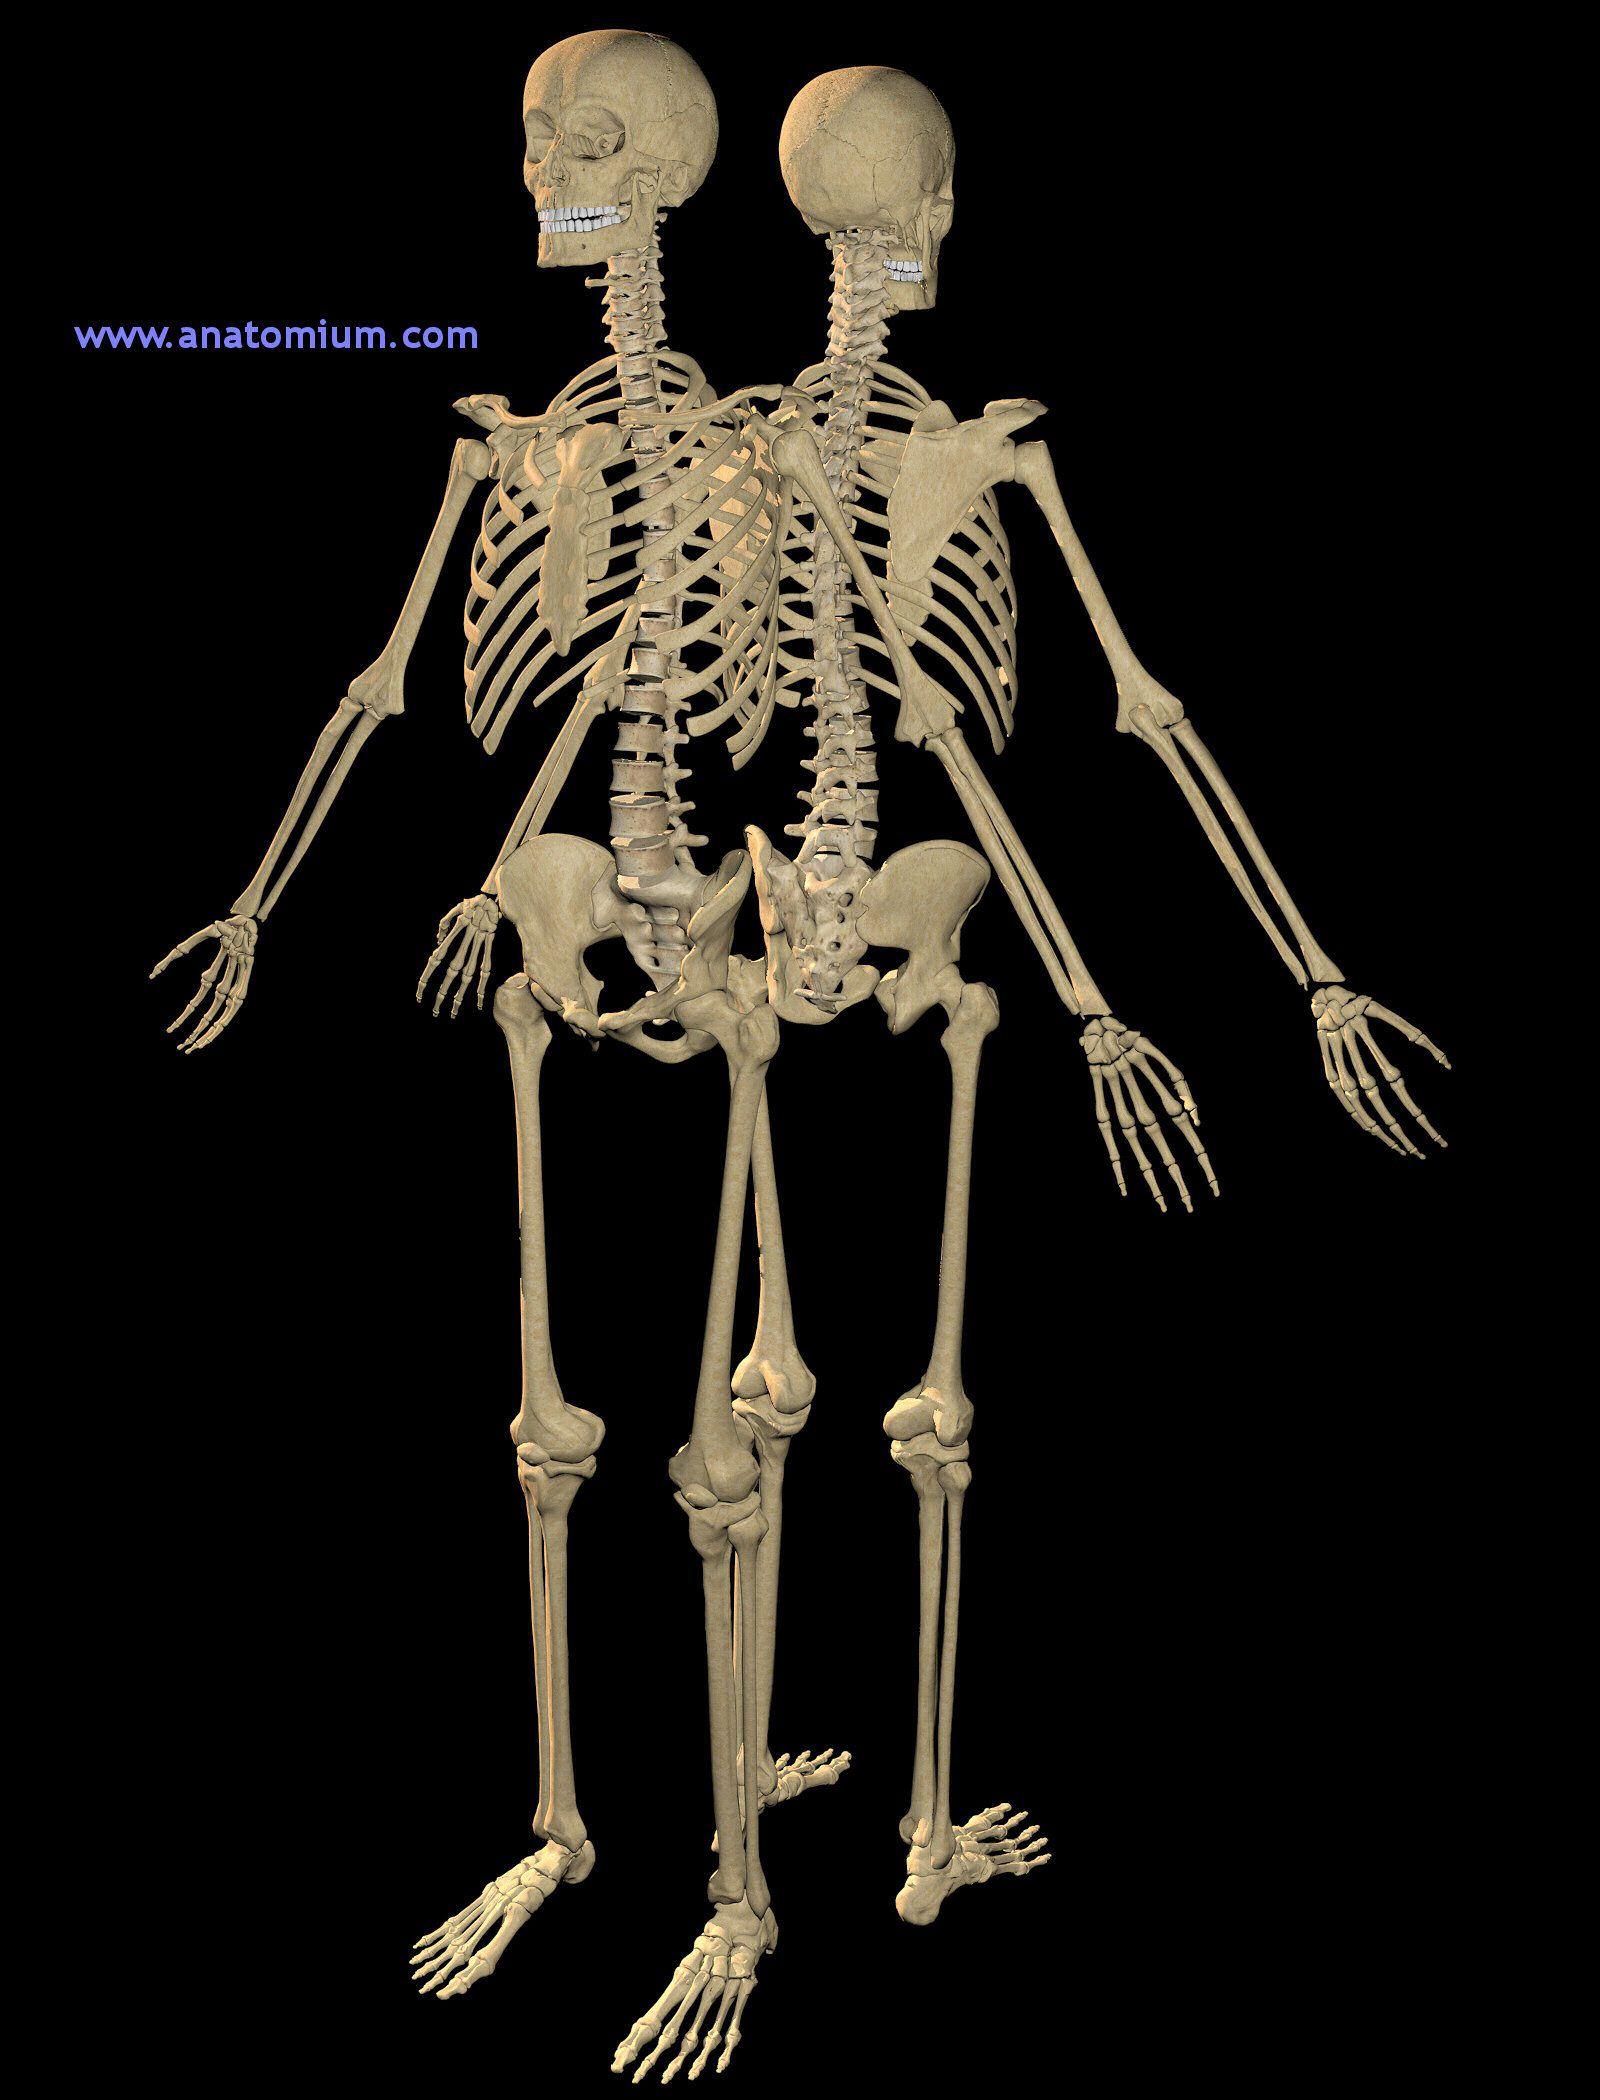 Human Skeleton Human Skeleton 3d Art Pinterest Human